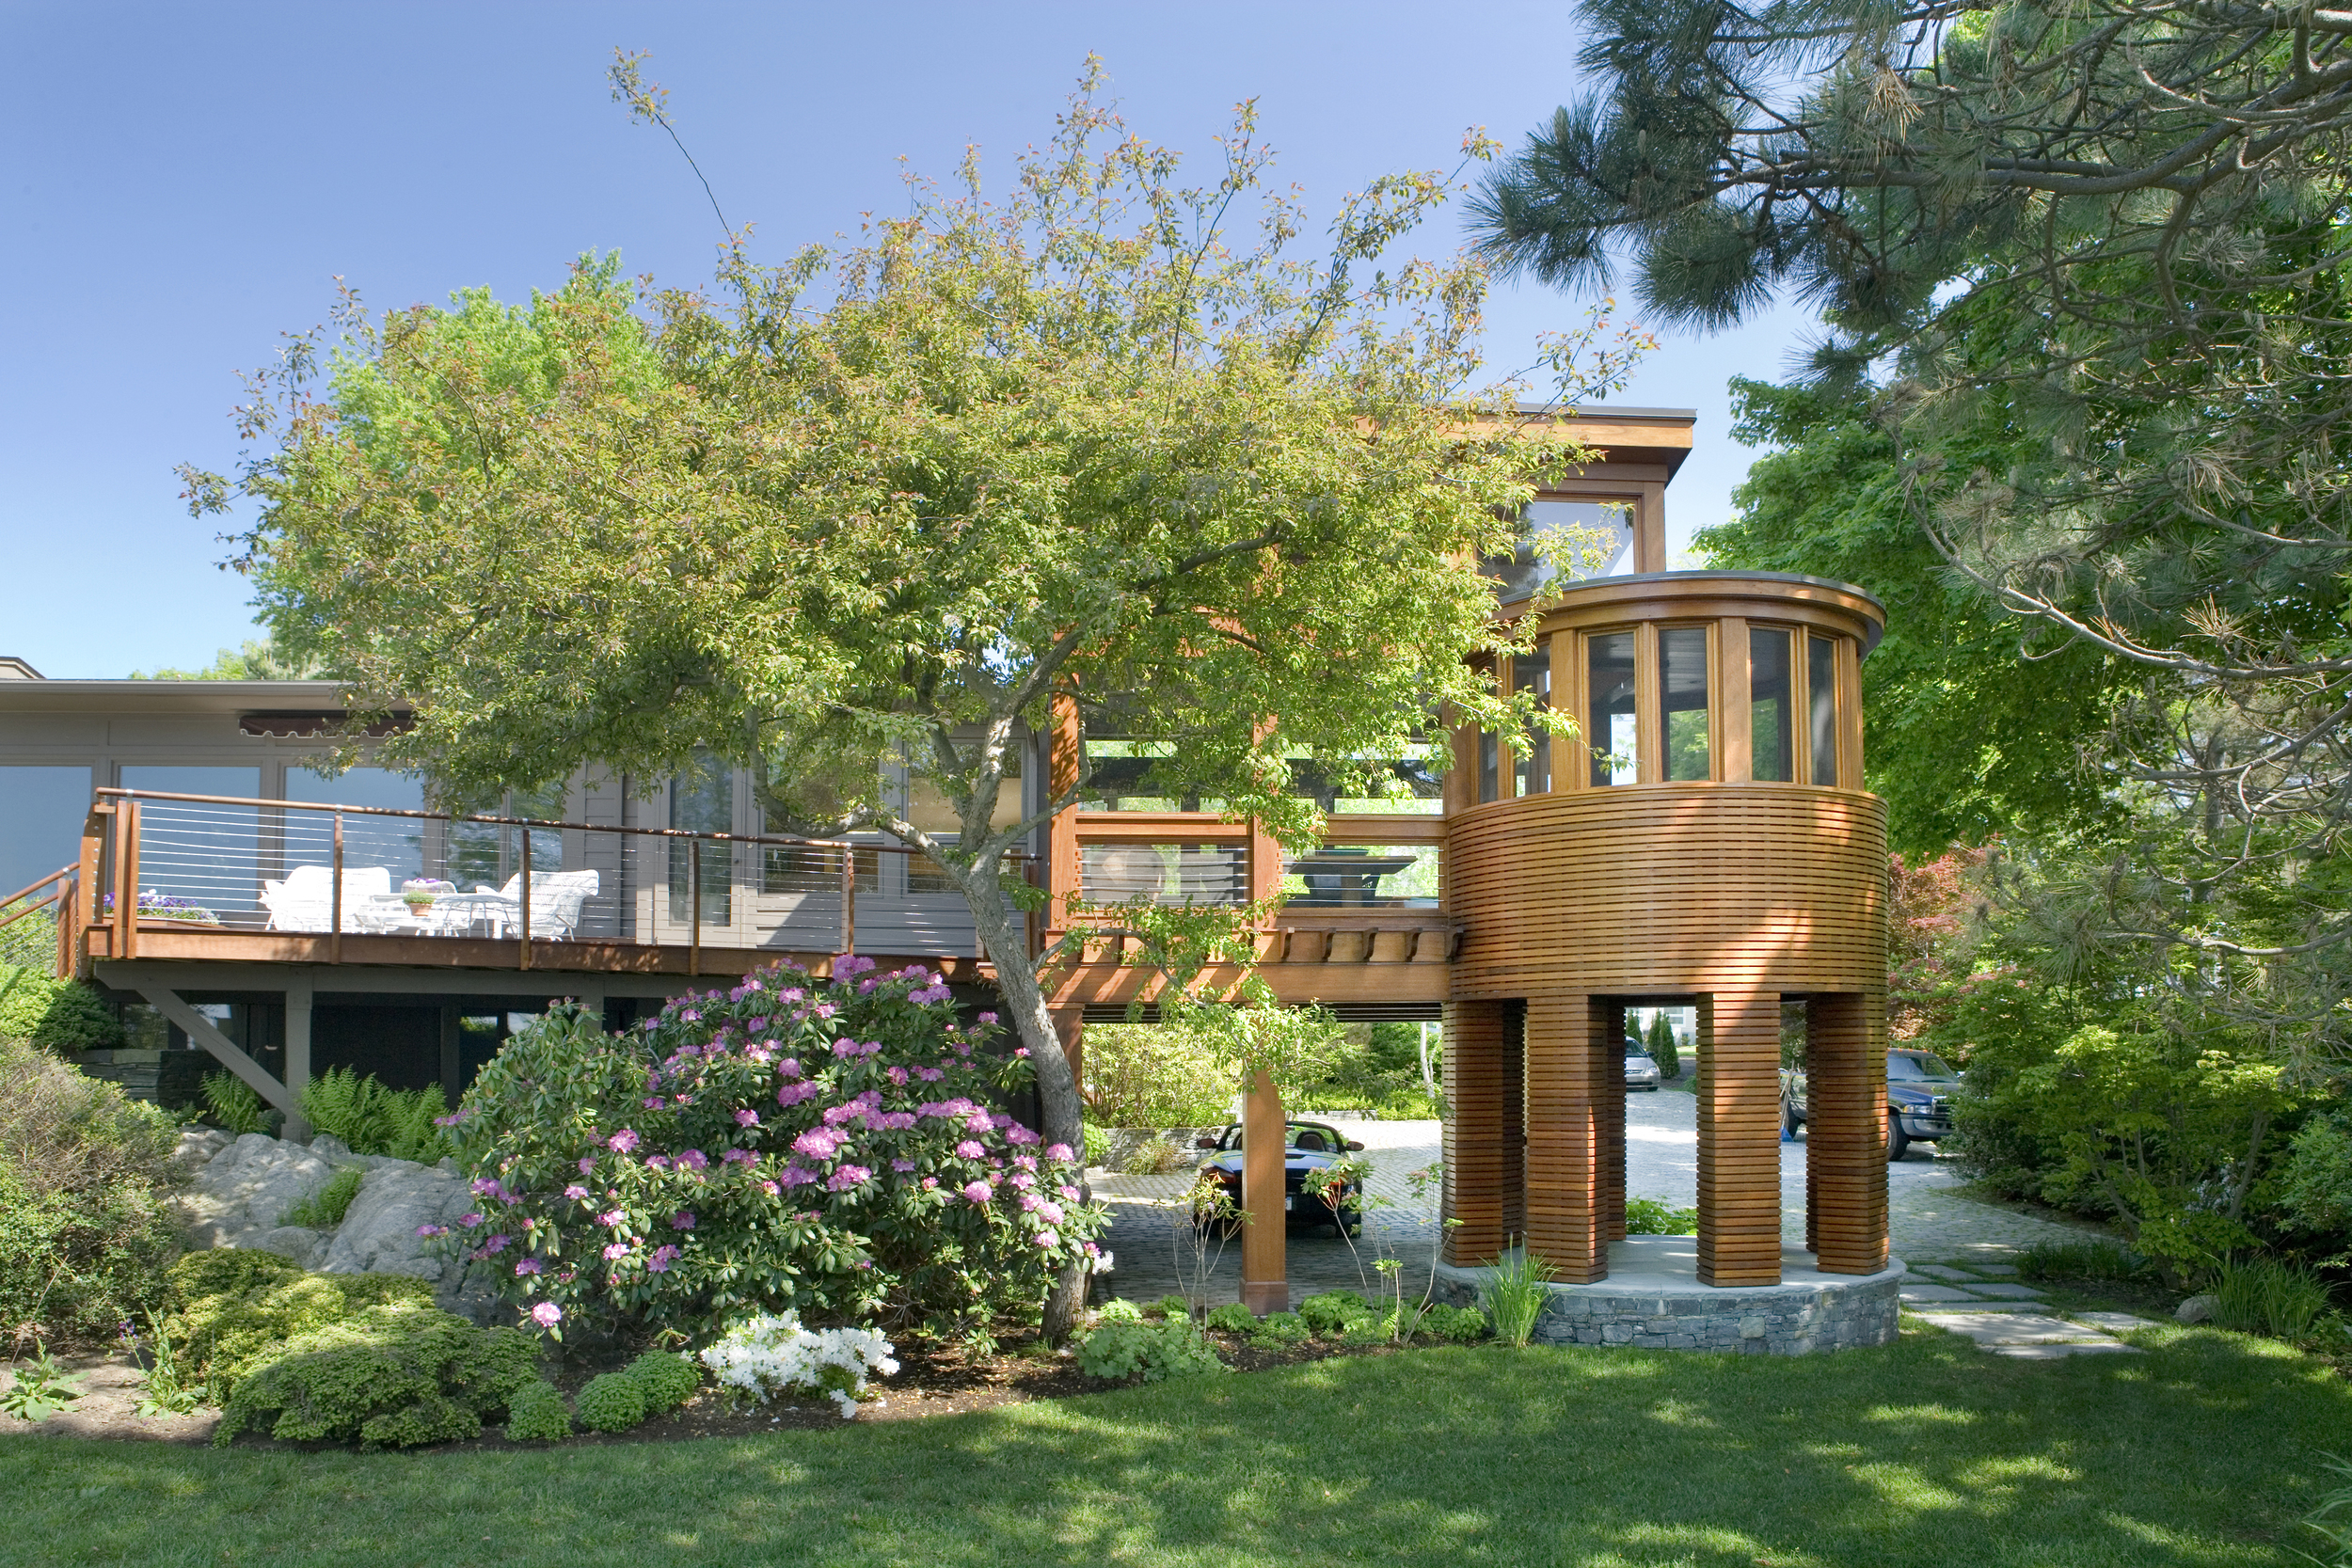 Schwartz 5 07 exterior back of house 2.jpg